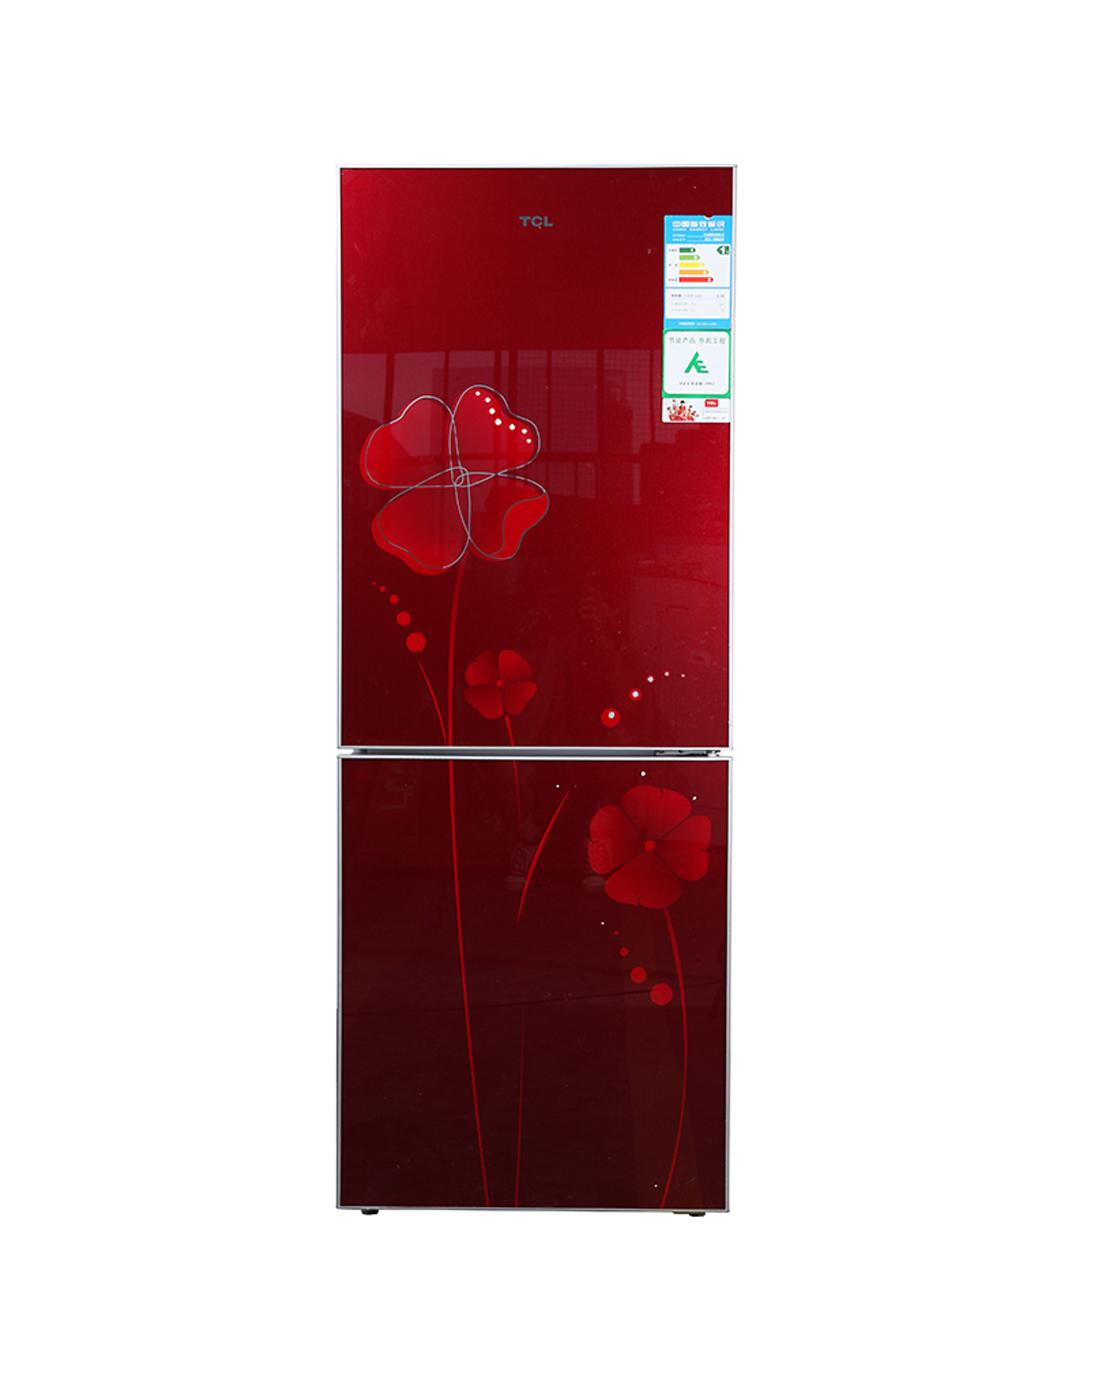 冷藏冷冻冰箱 双门式